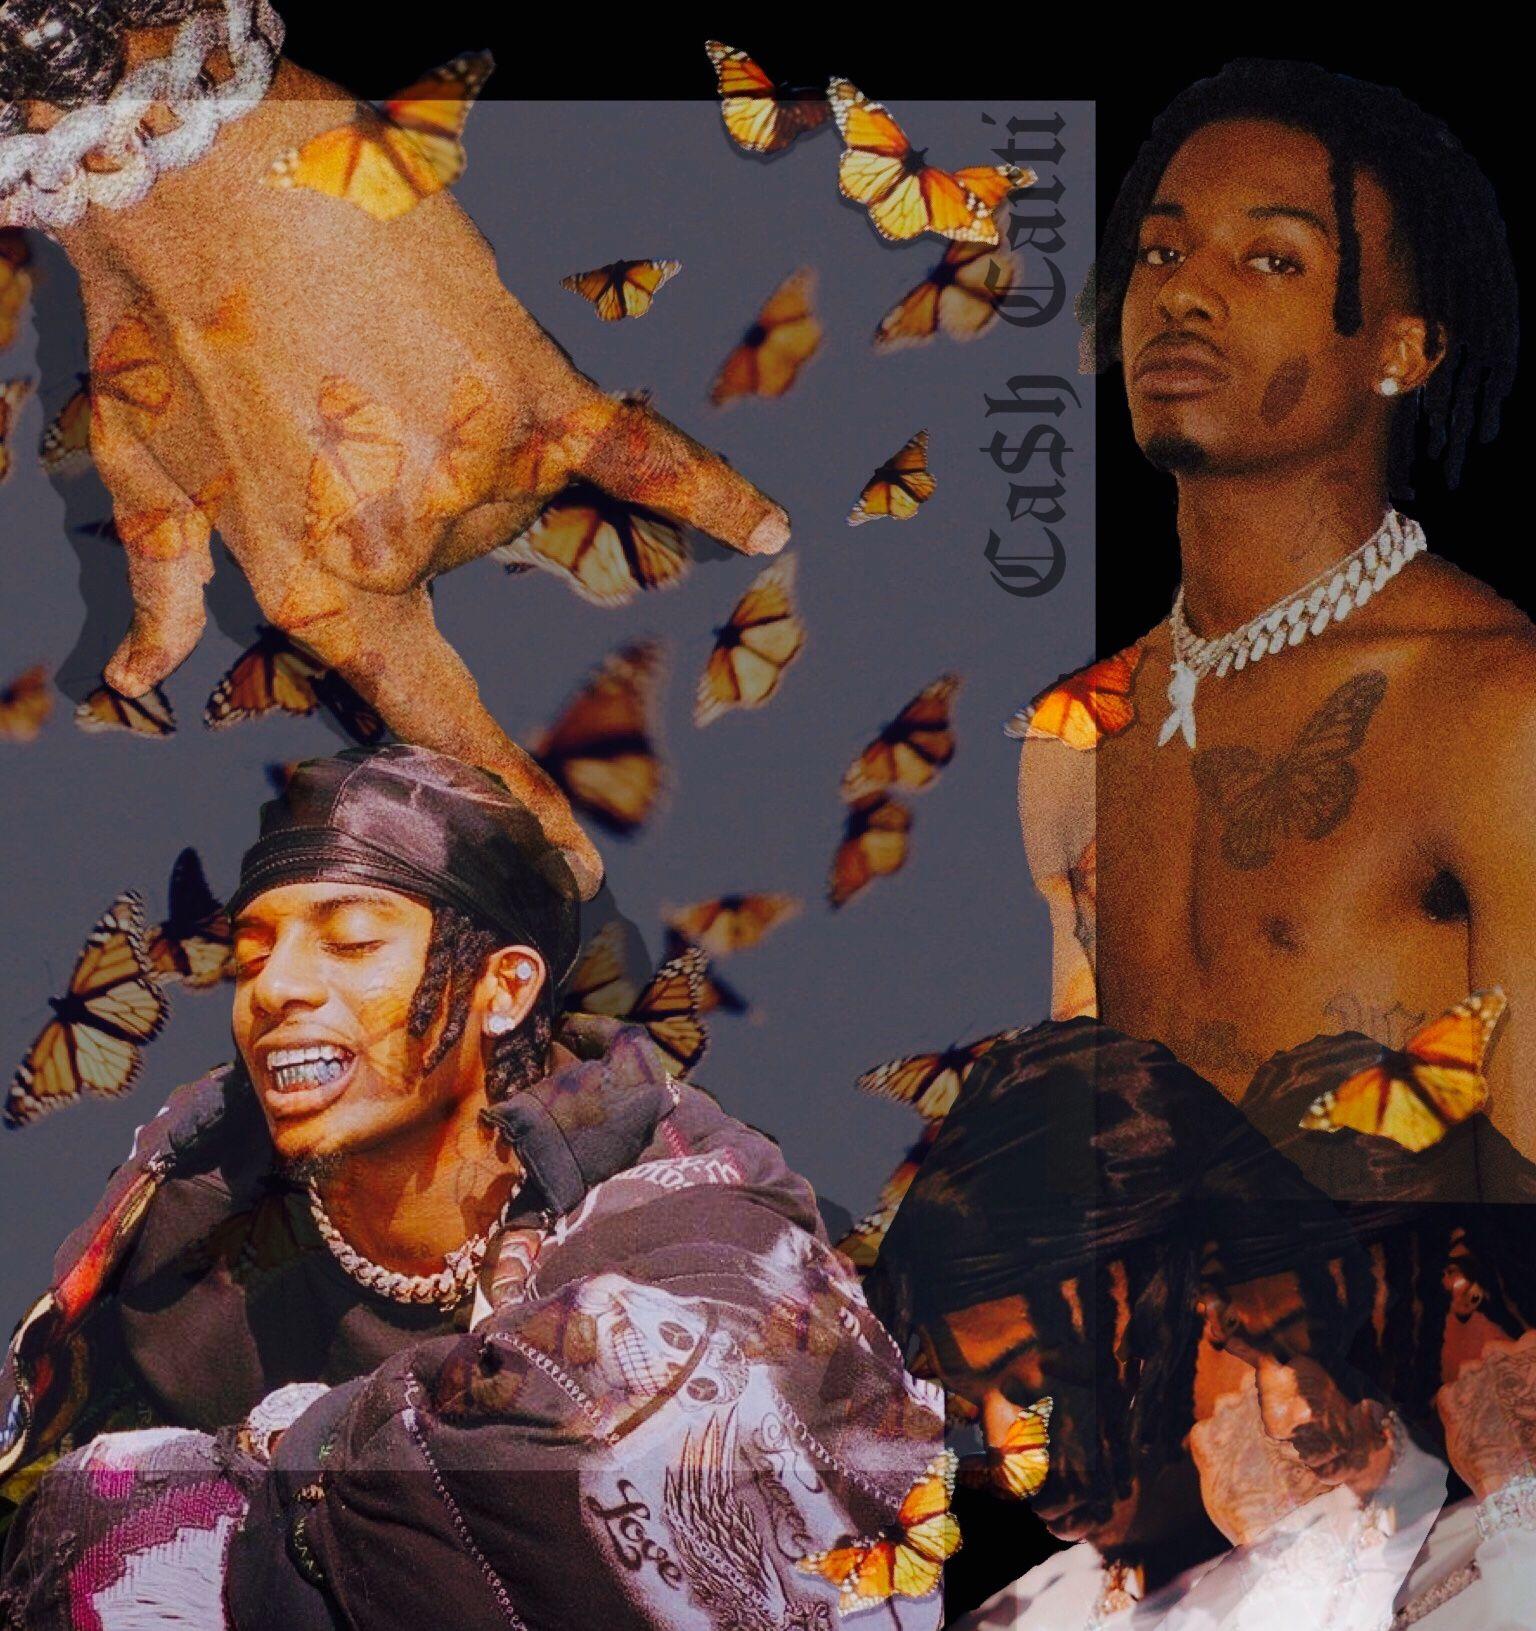 Playboi Carti Edgy Wallpaper Rap Wallpaper Trippy Wallpaper